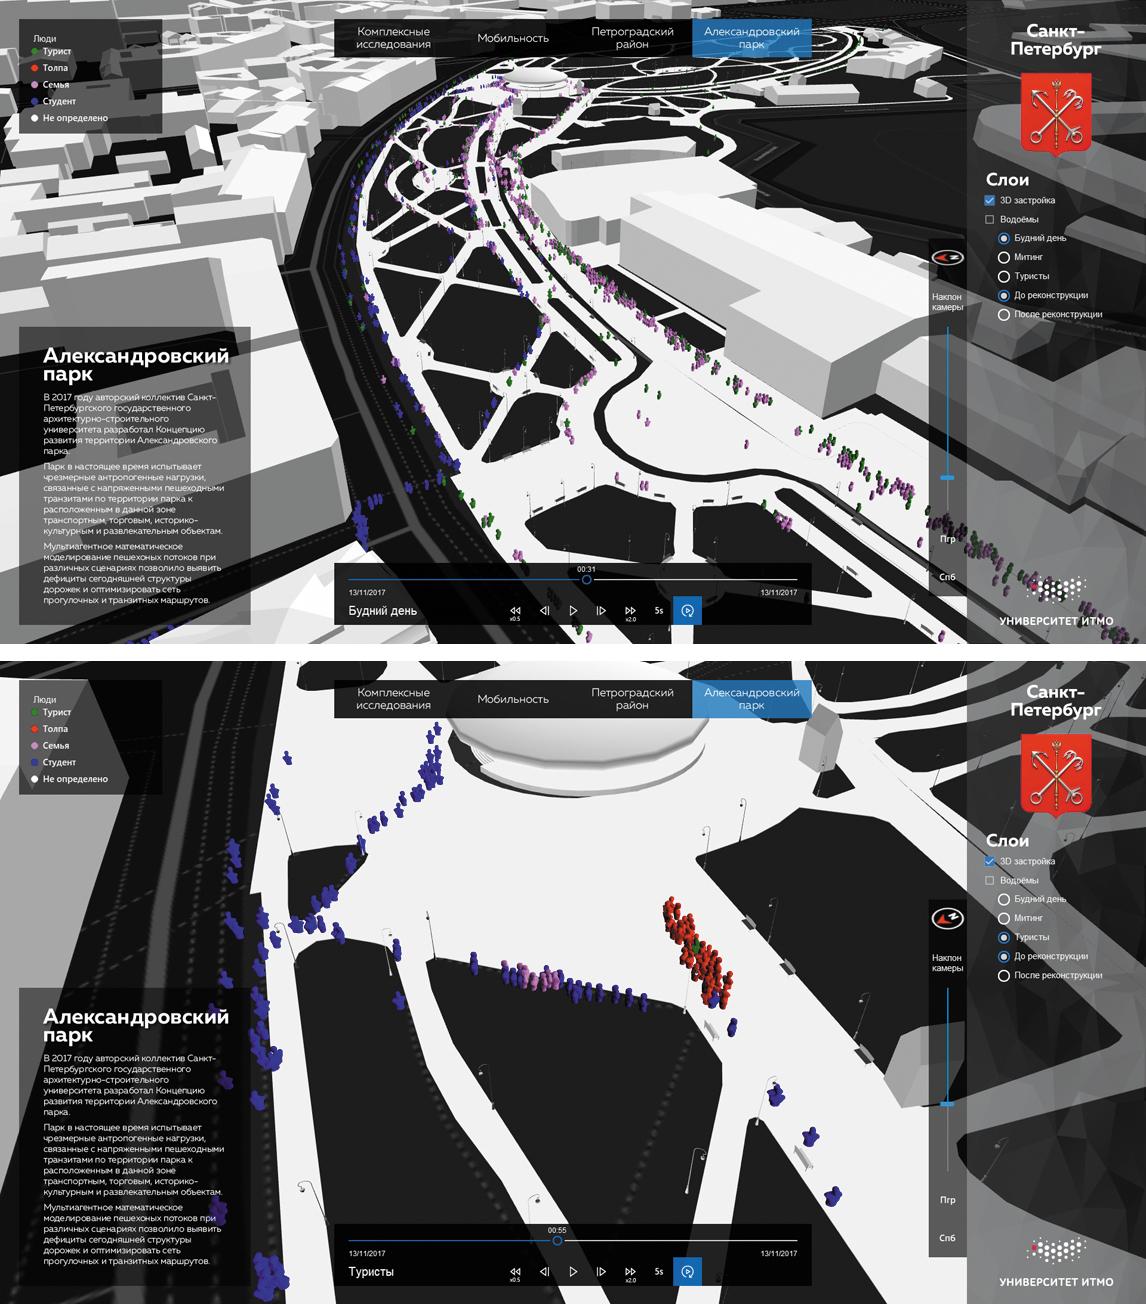 Визуализация результатов моделирования пешеходной мобильности в городской среде